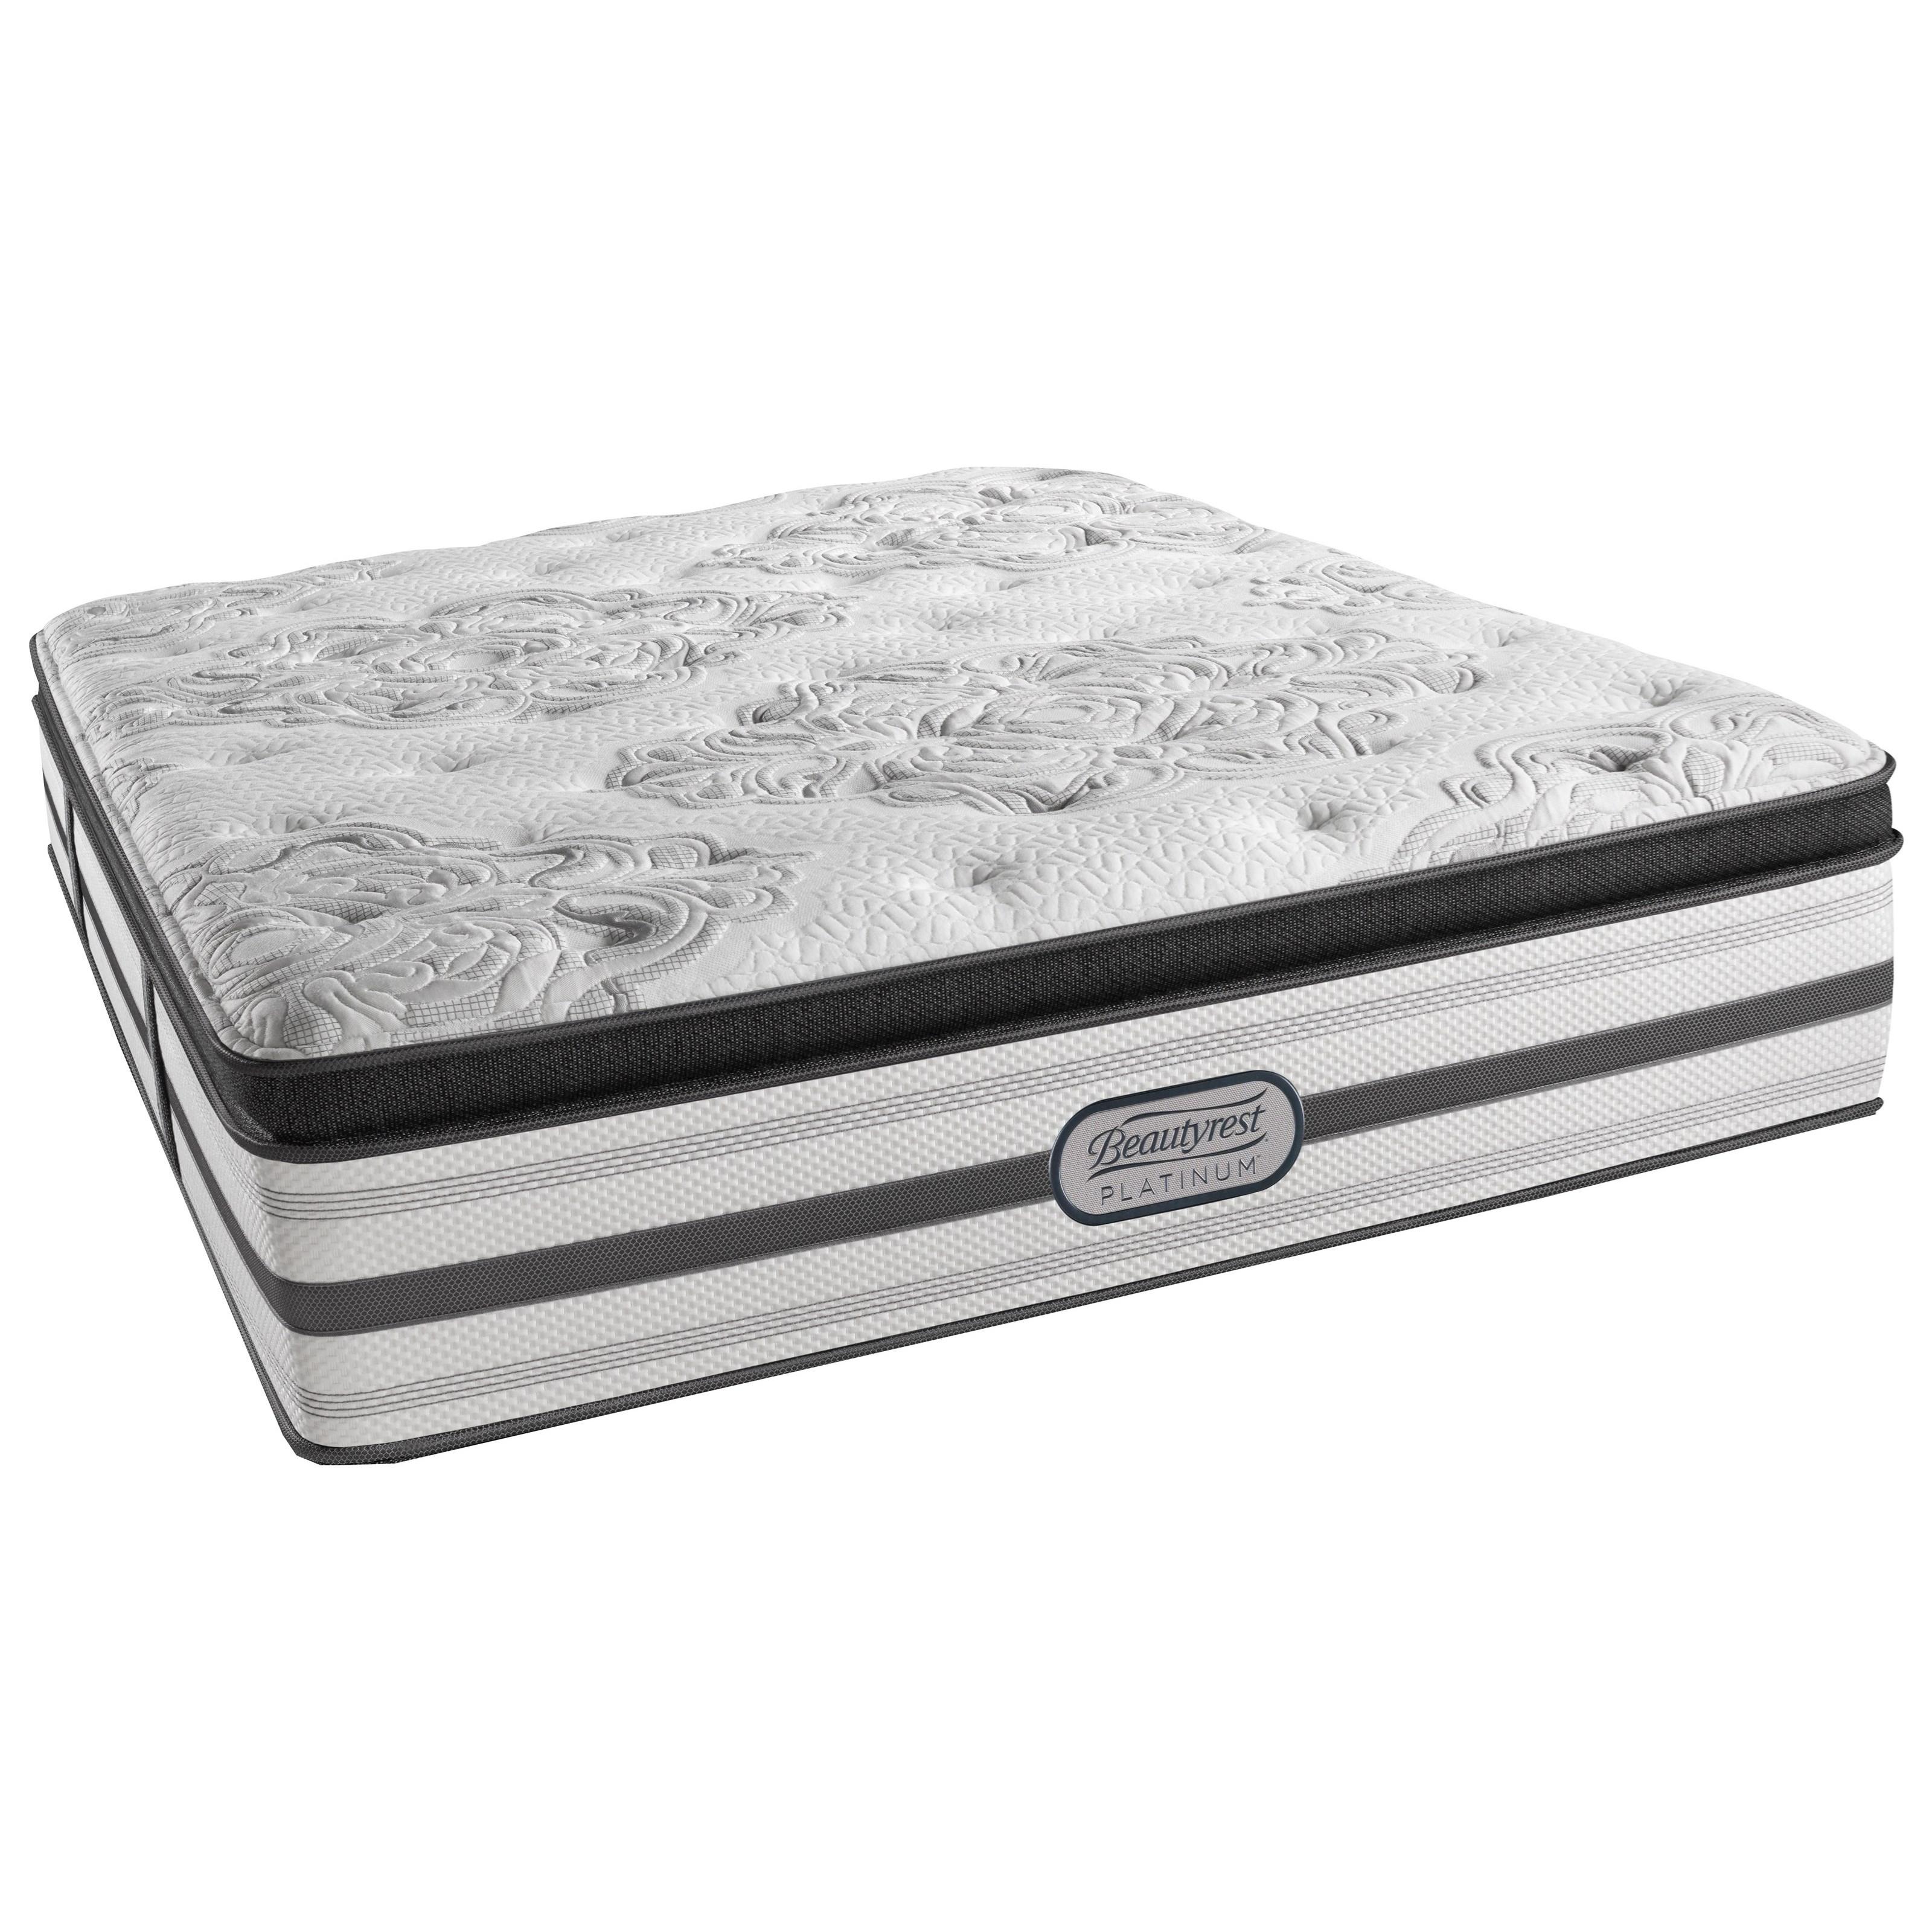 Queen Plush Pillow Top 15